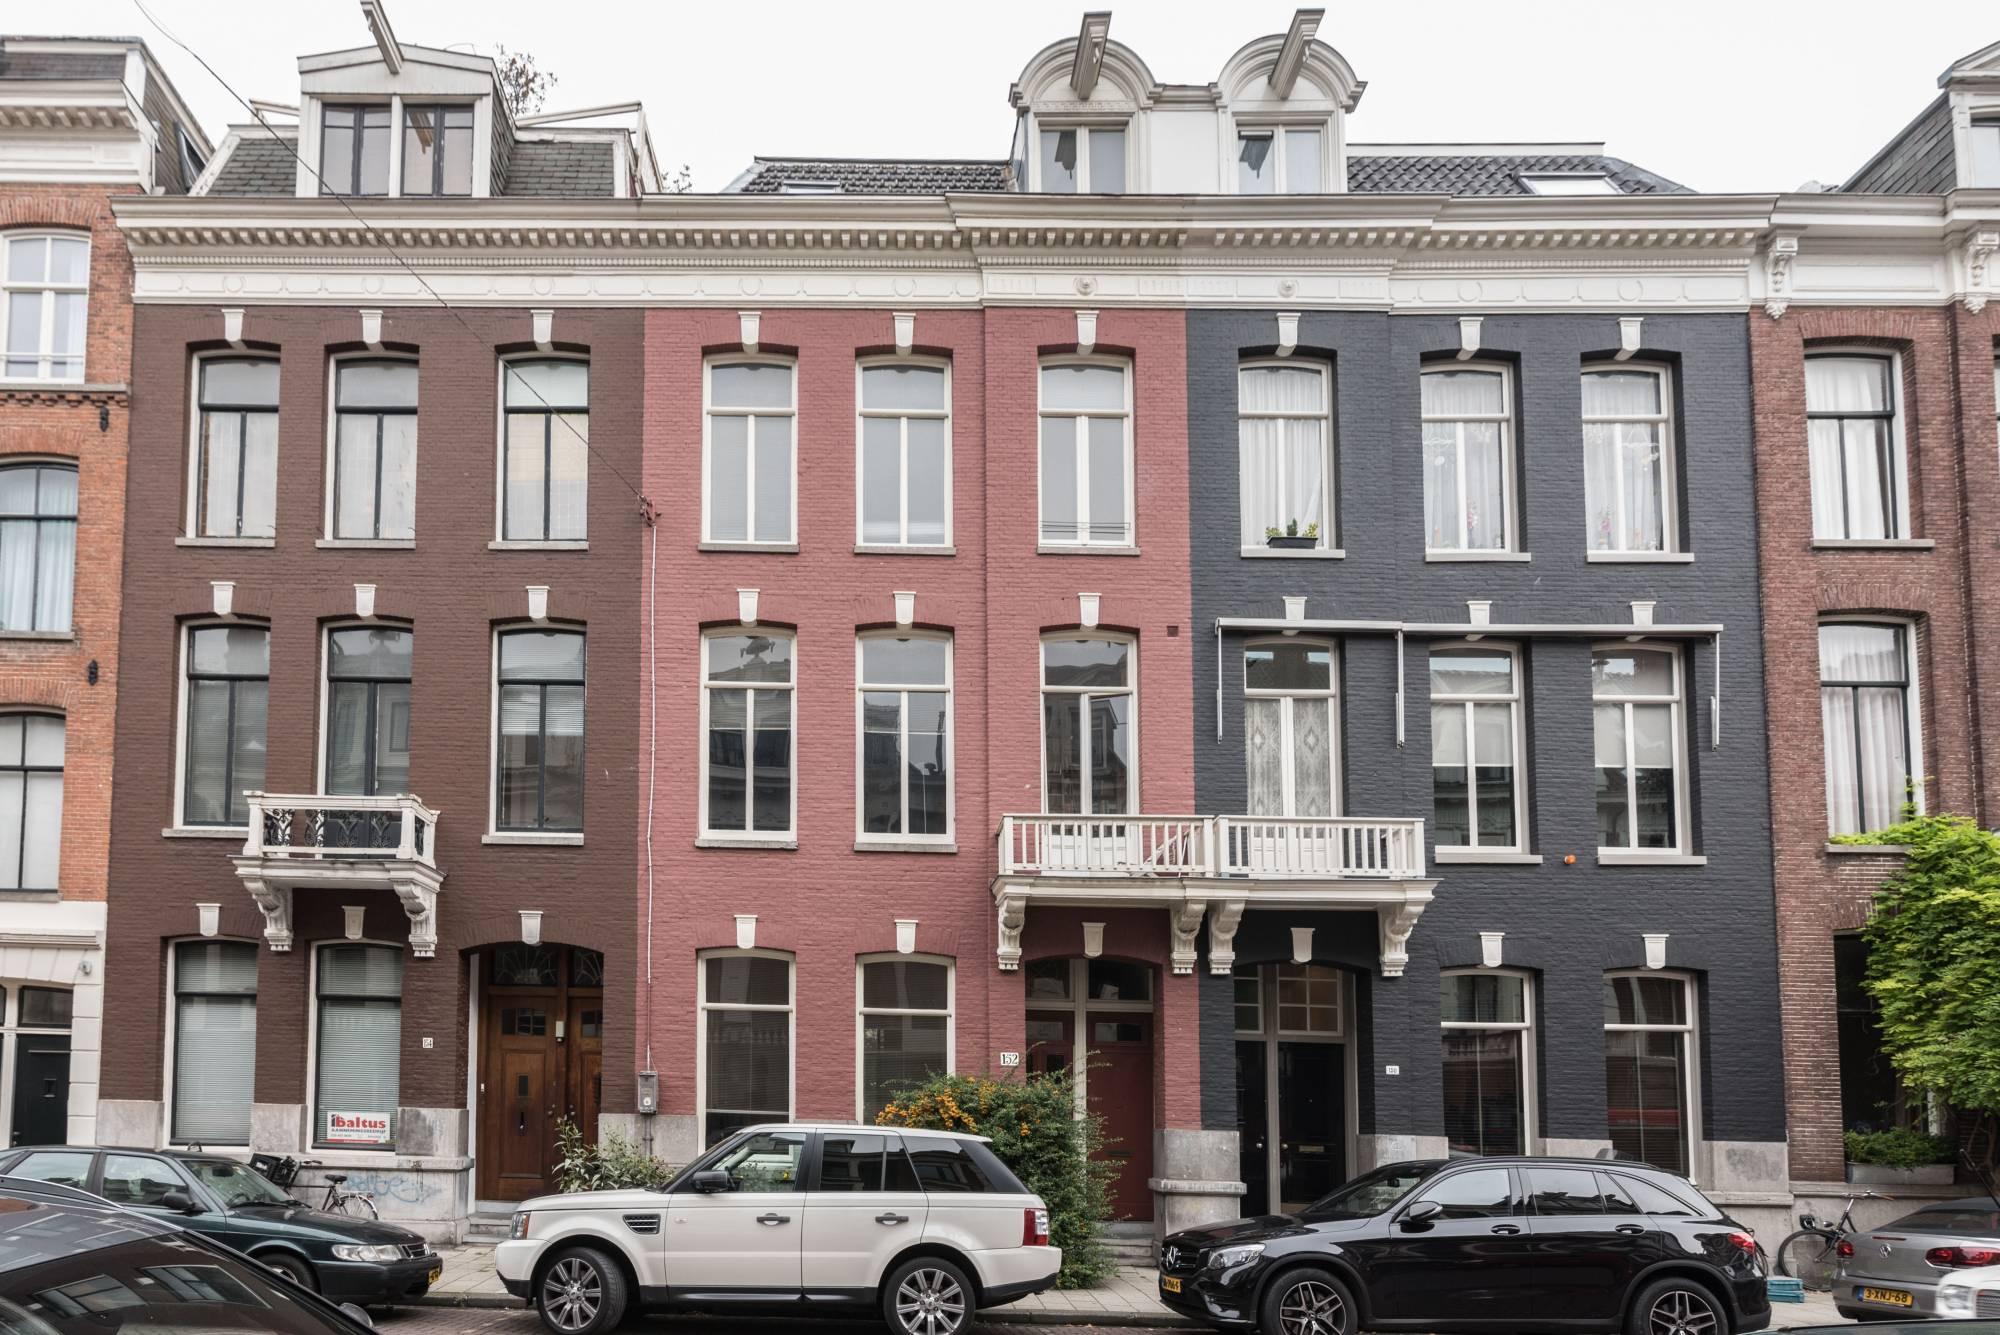 Pieter Cornelisz. Hooftstraat / Amsterdam